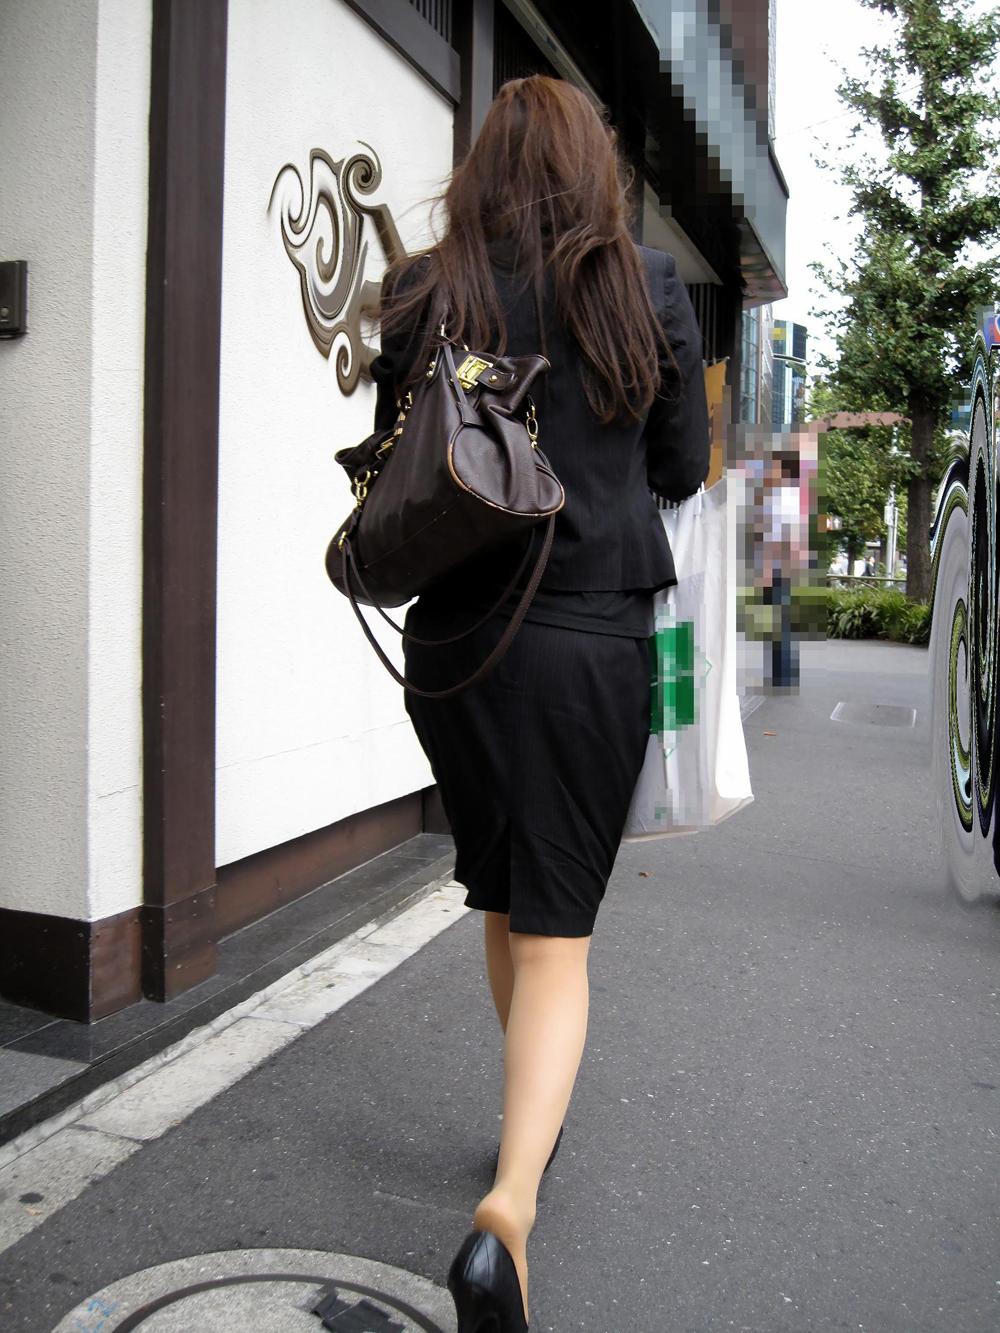 モデルのように細く長い美脚に見惚れる!